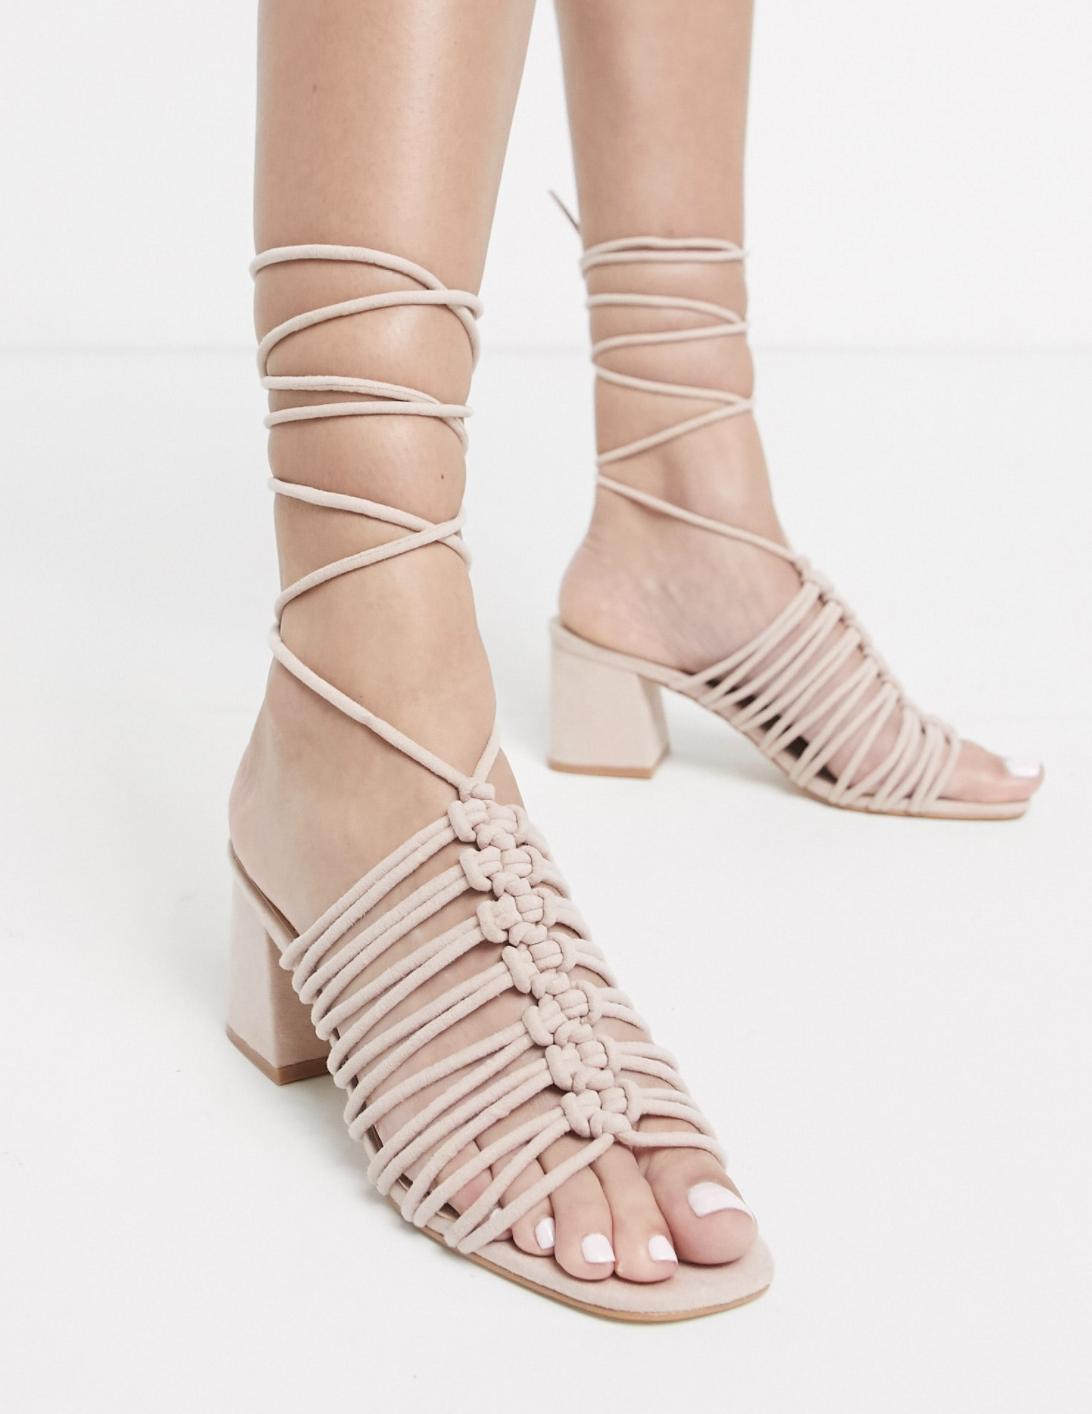 Sandalias de tacón cuadrado con diseño anudado al tobillo en rosa rubor Bali de Public Desire